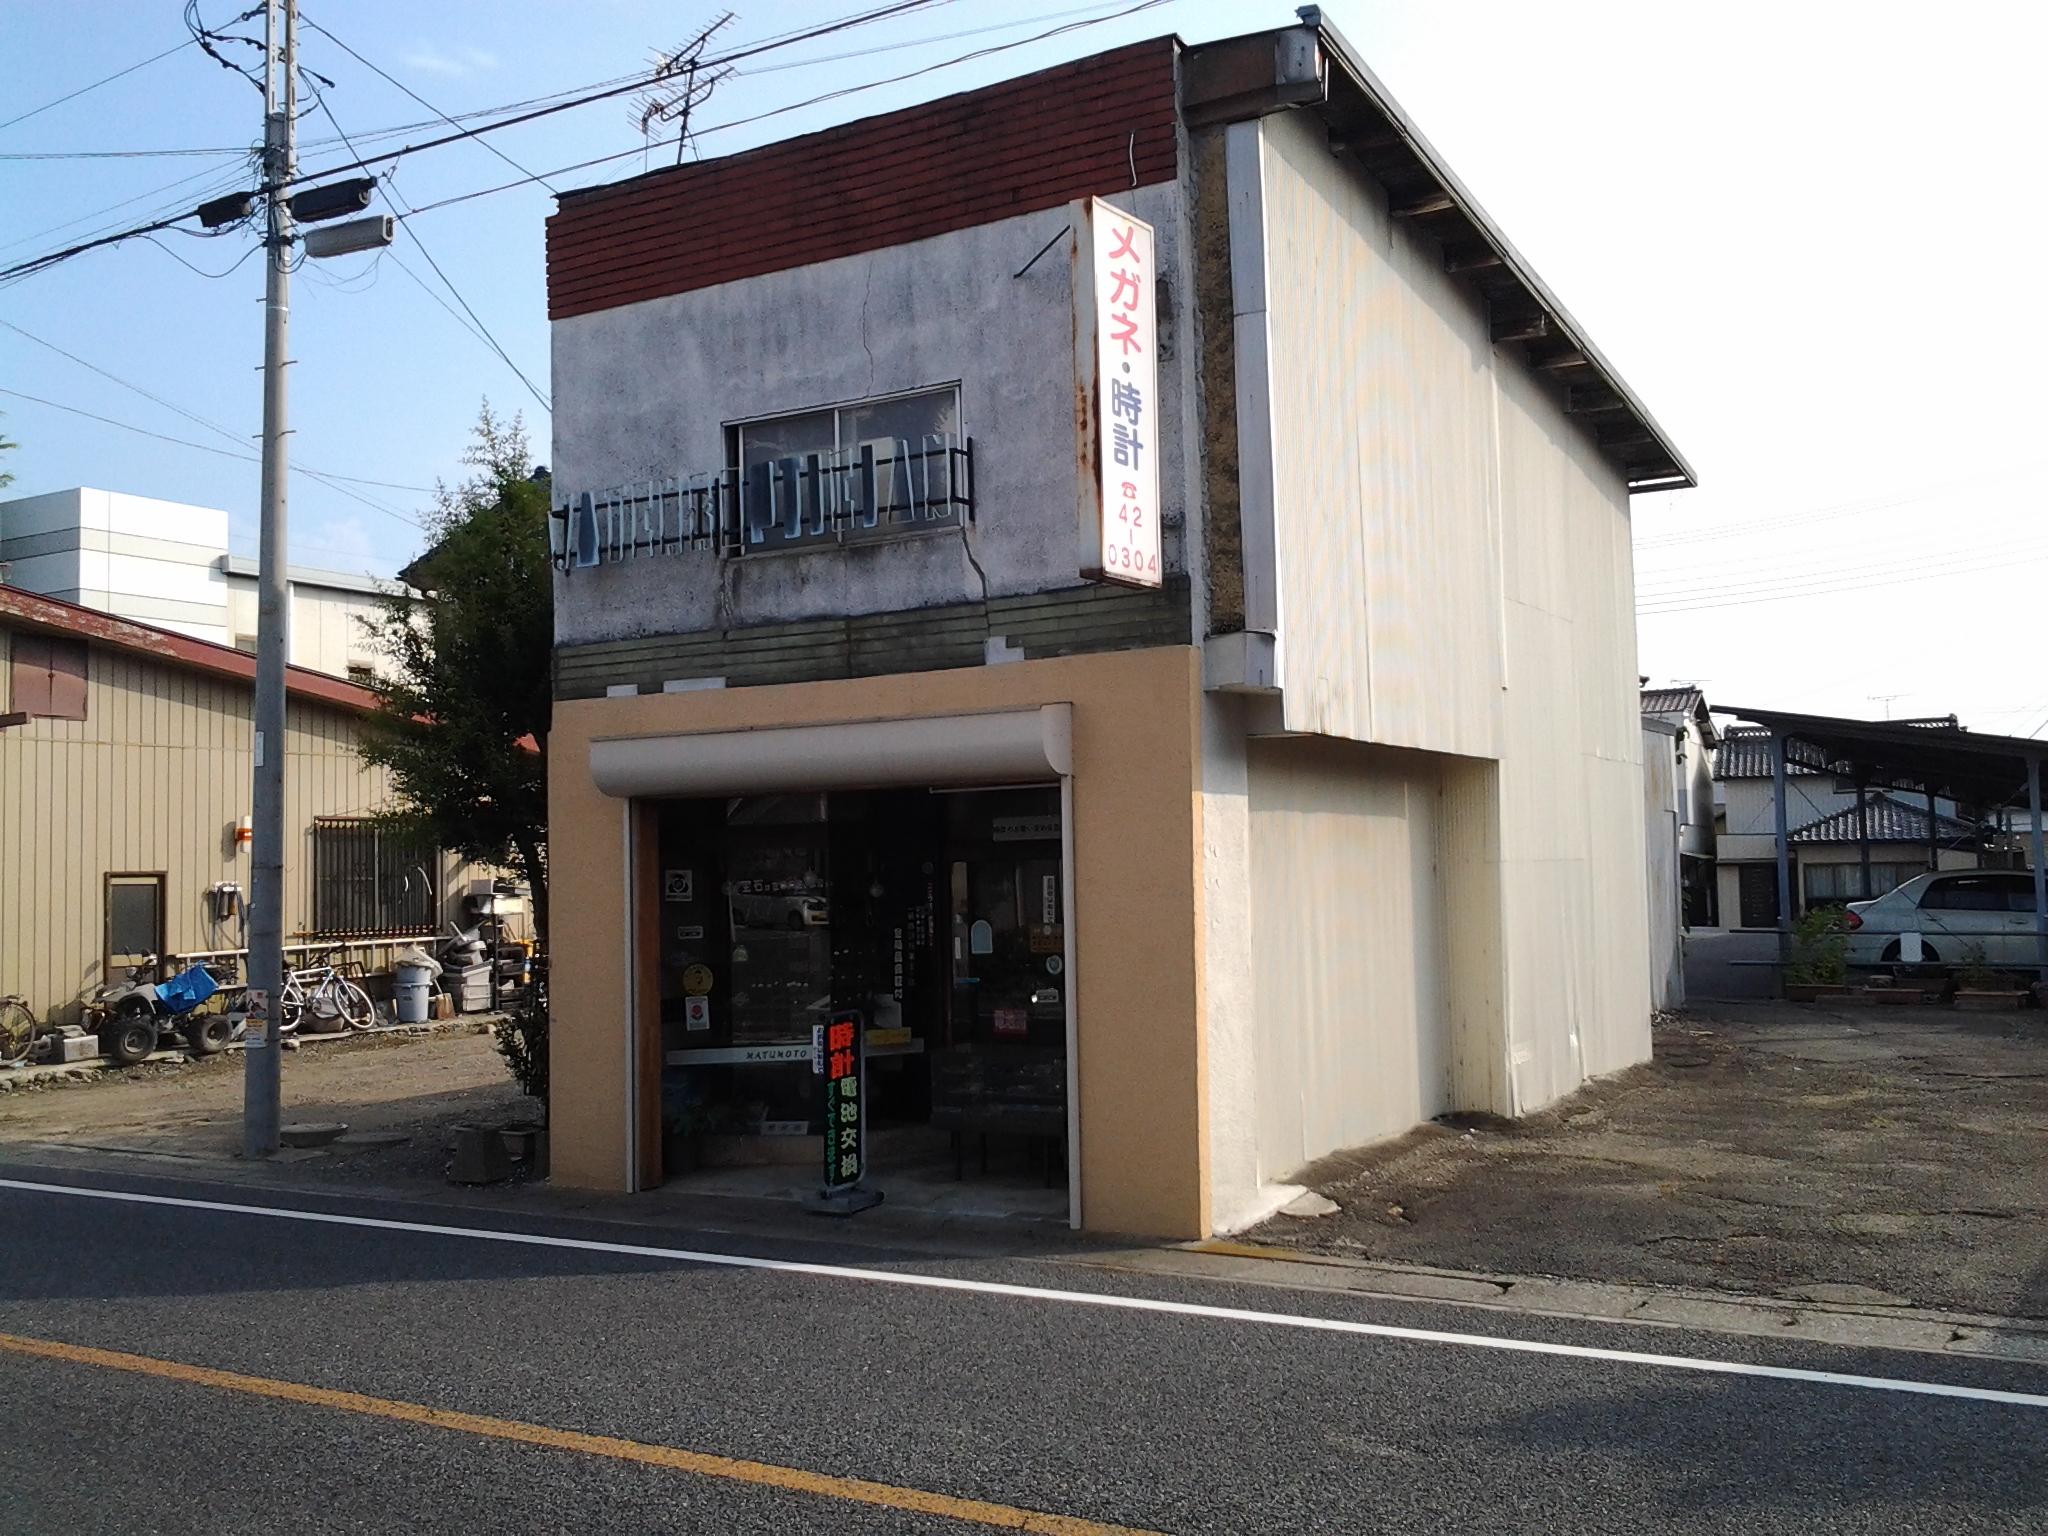 20150805_161659.jpg